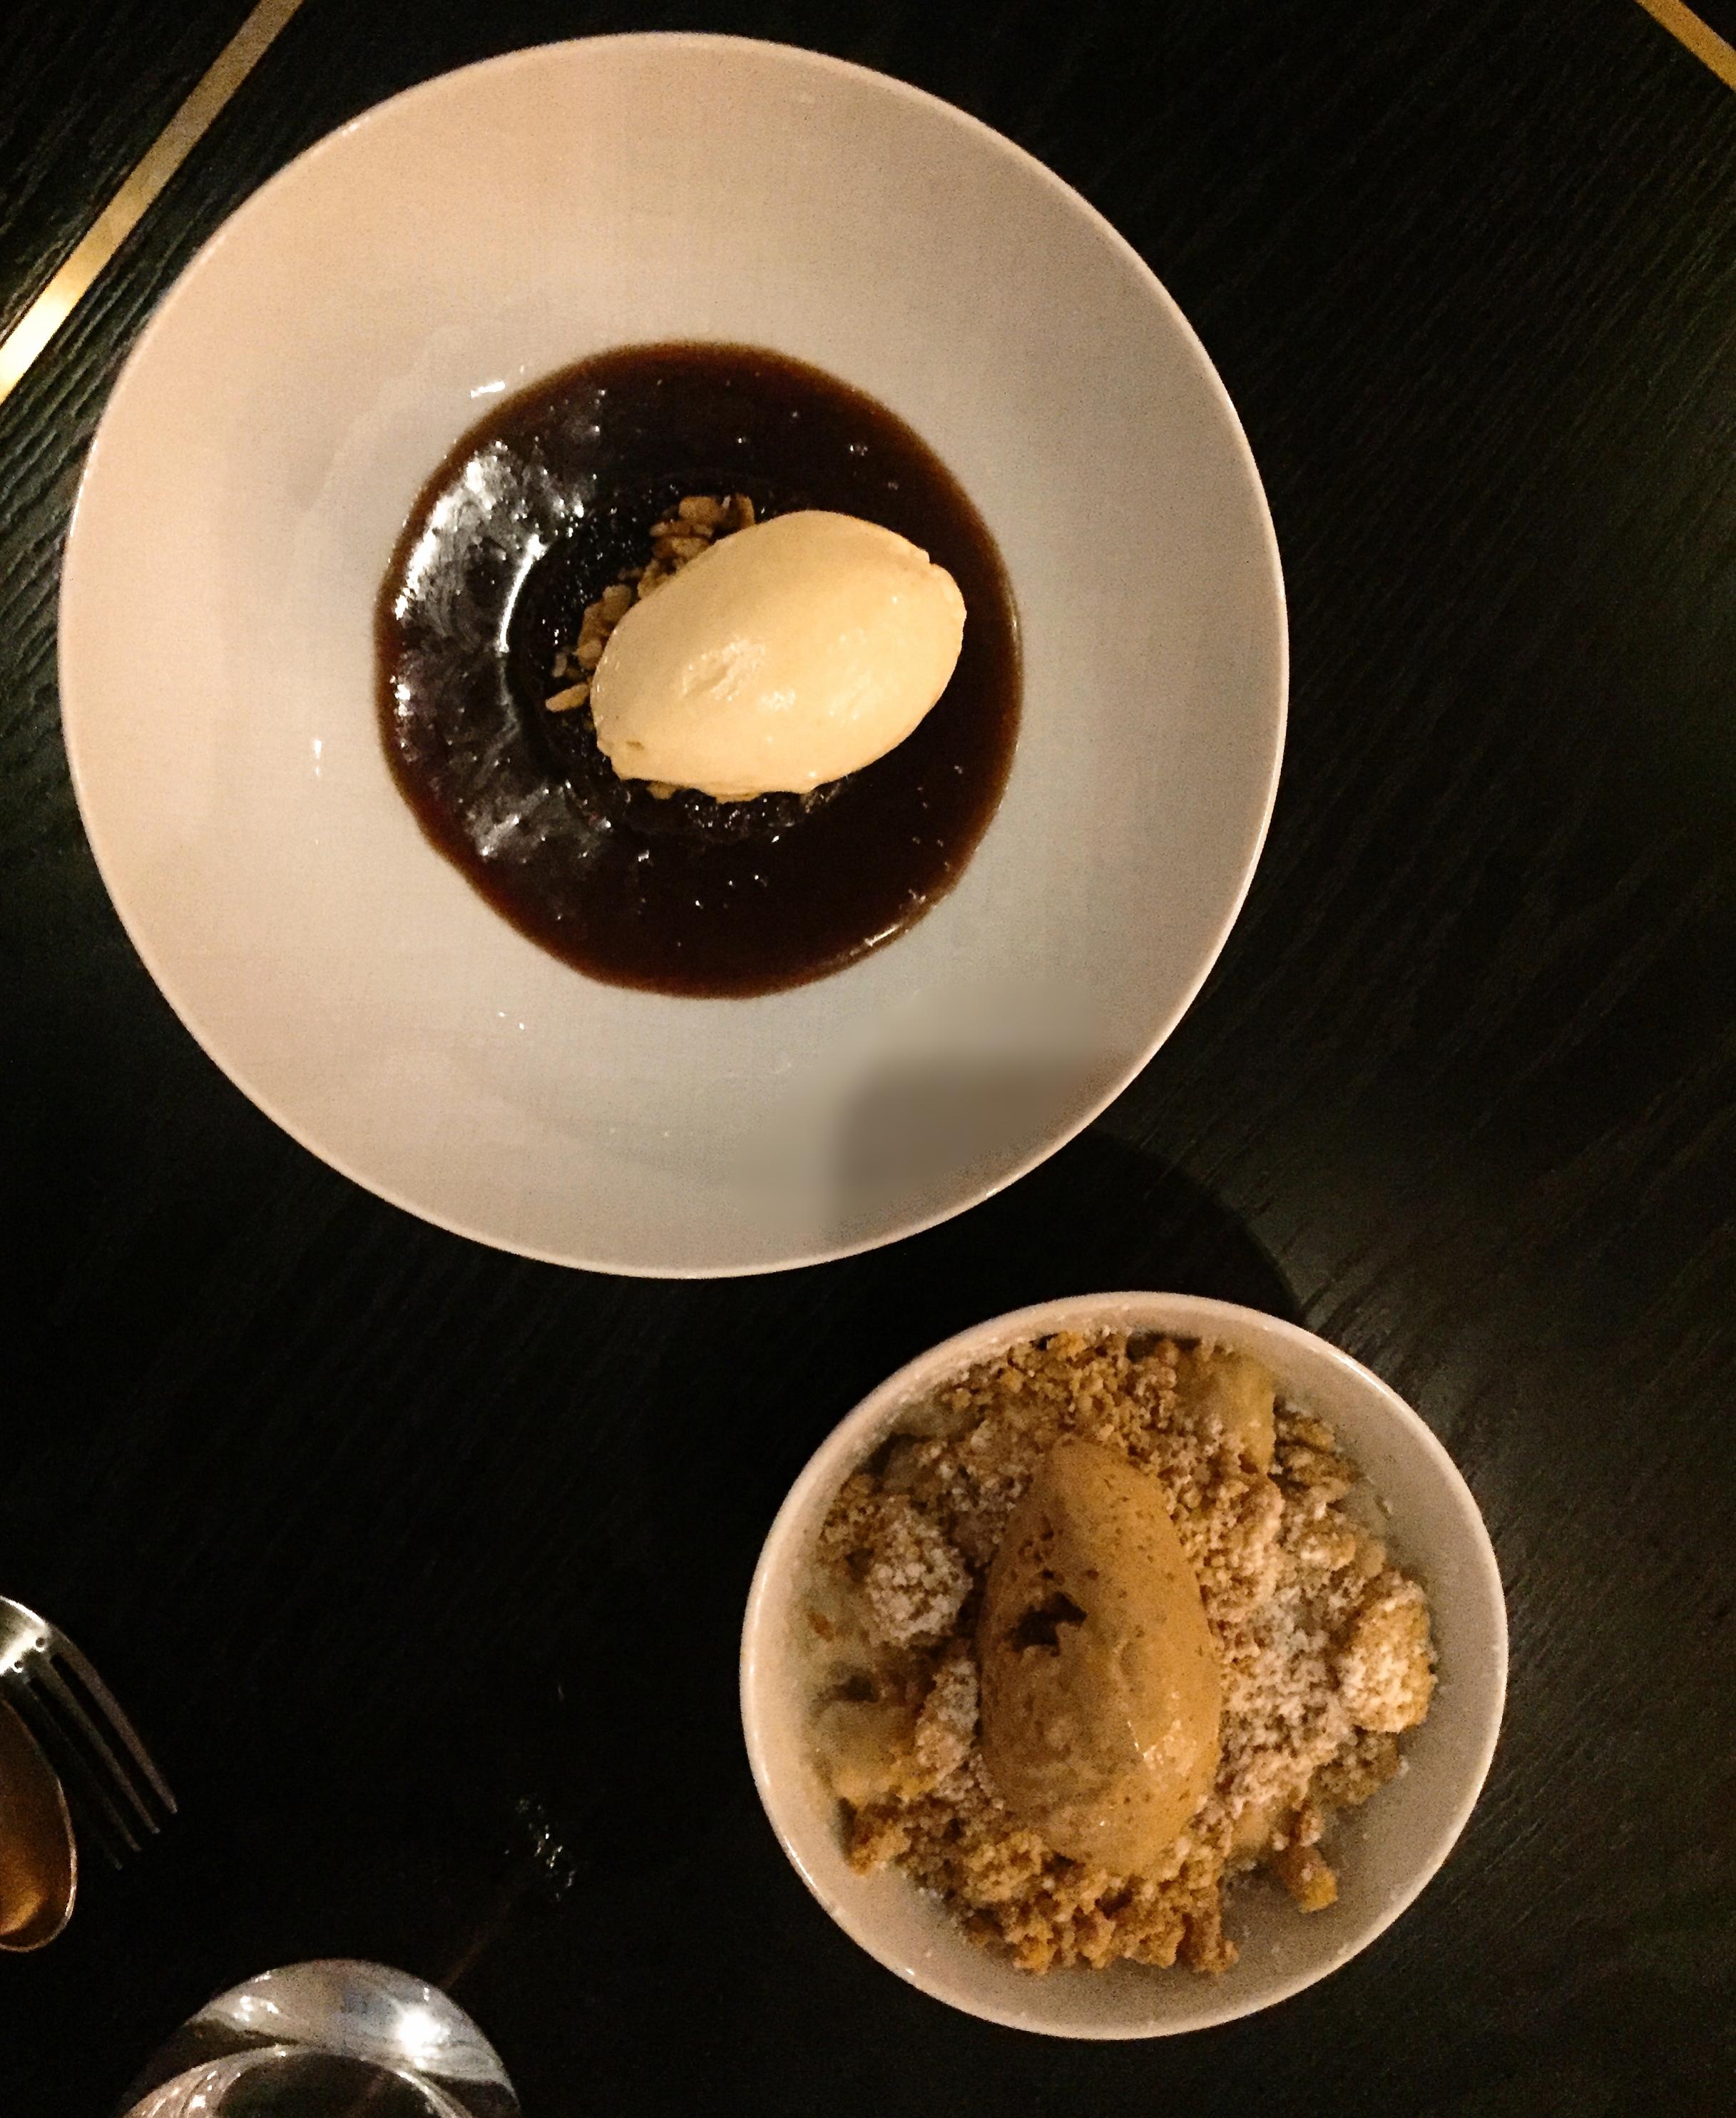 Dessert Trafalgar Dining Rooms restaurant review